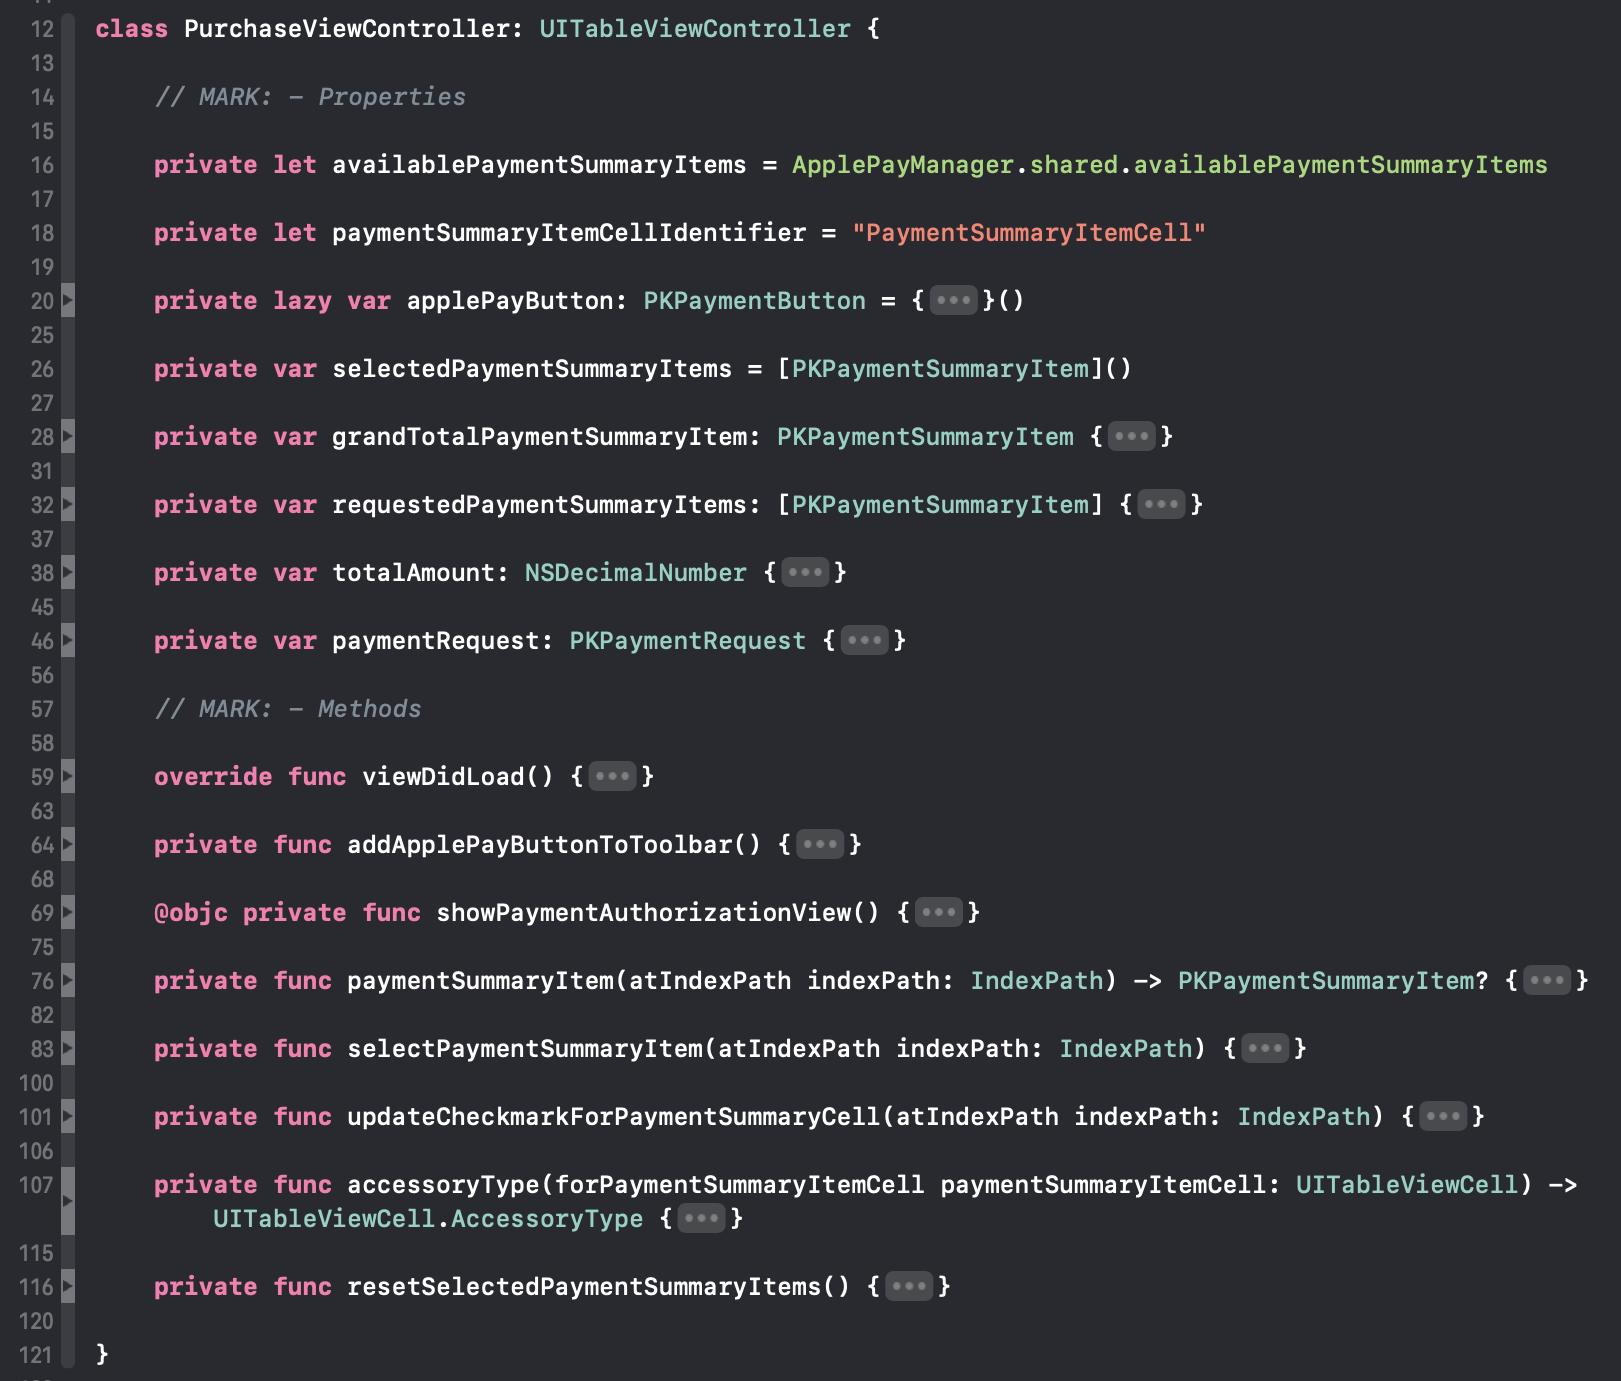 Durch Code Folding kann der Inhalt einer Quellcode-Datei deutlich übersichtlicher gestaltet werden.